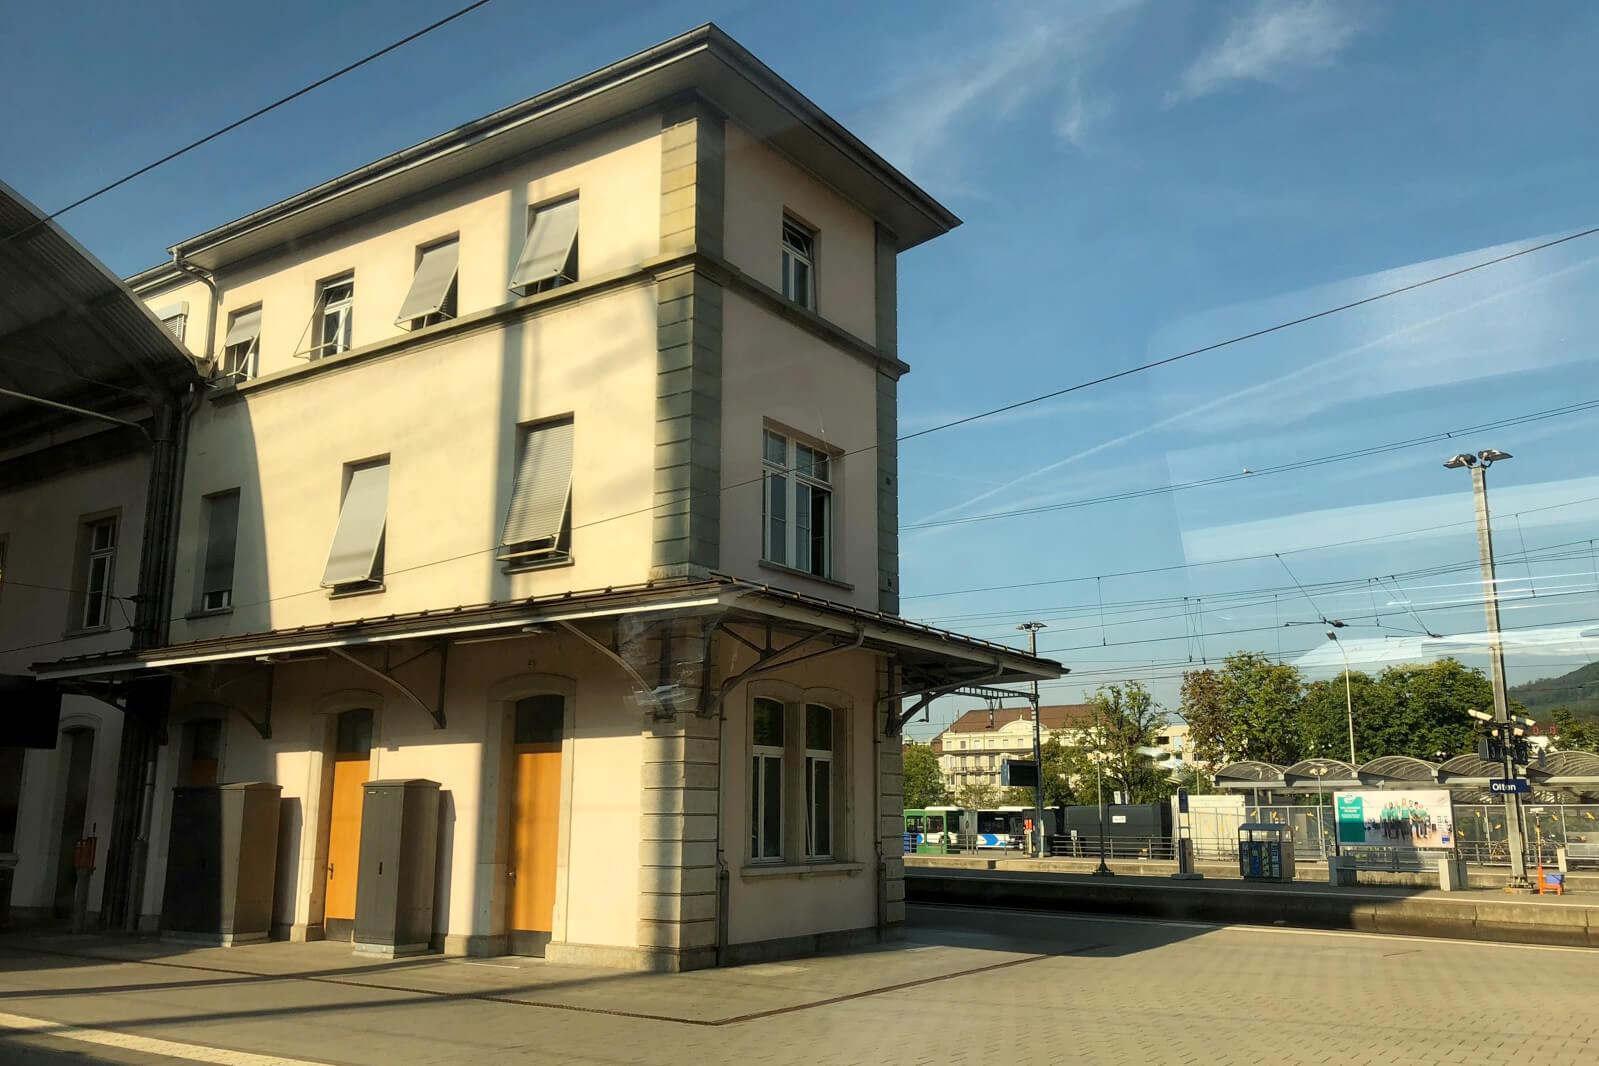 Olten Train Station